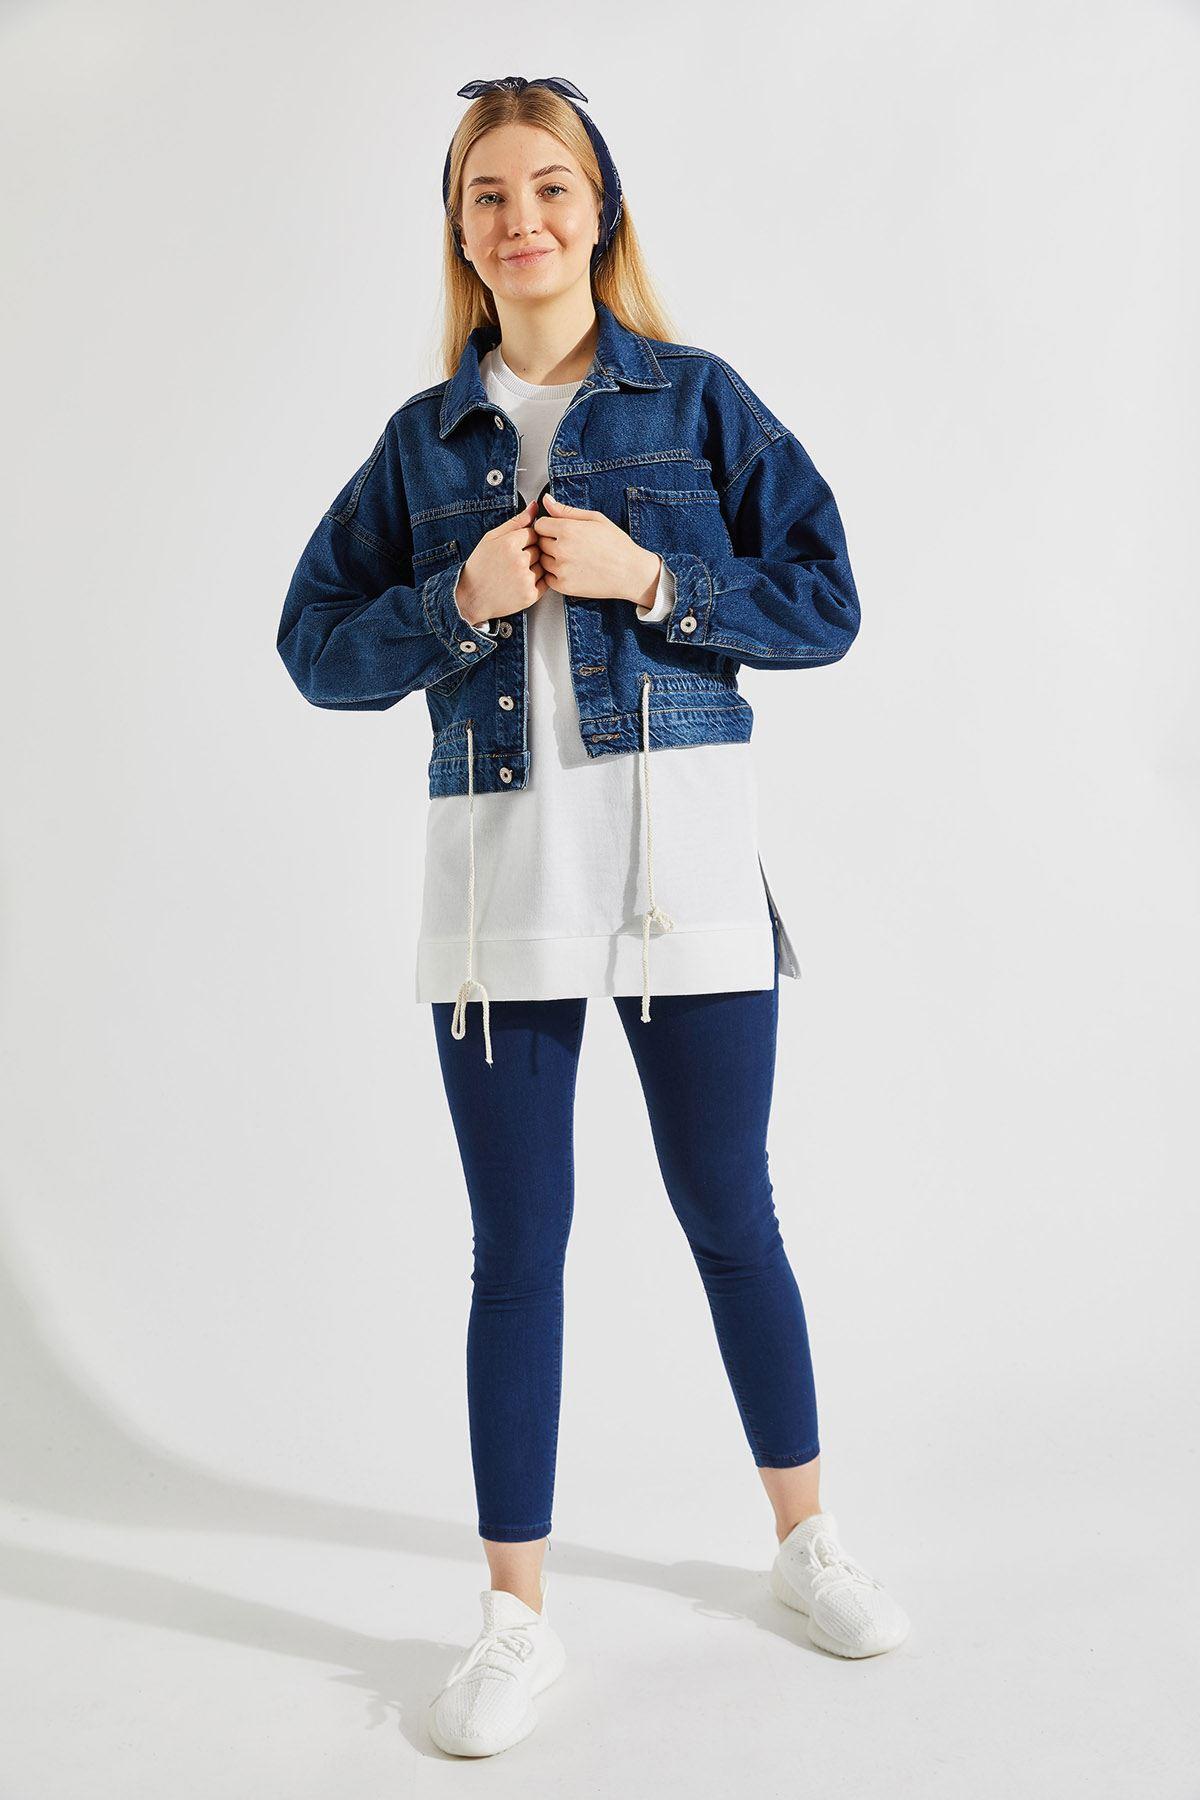 Kadın Çift Cep İp Bağcıklı Lacivert Kot Ceket